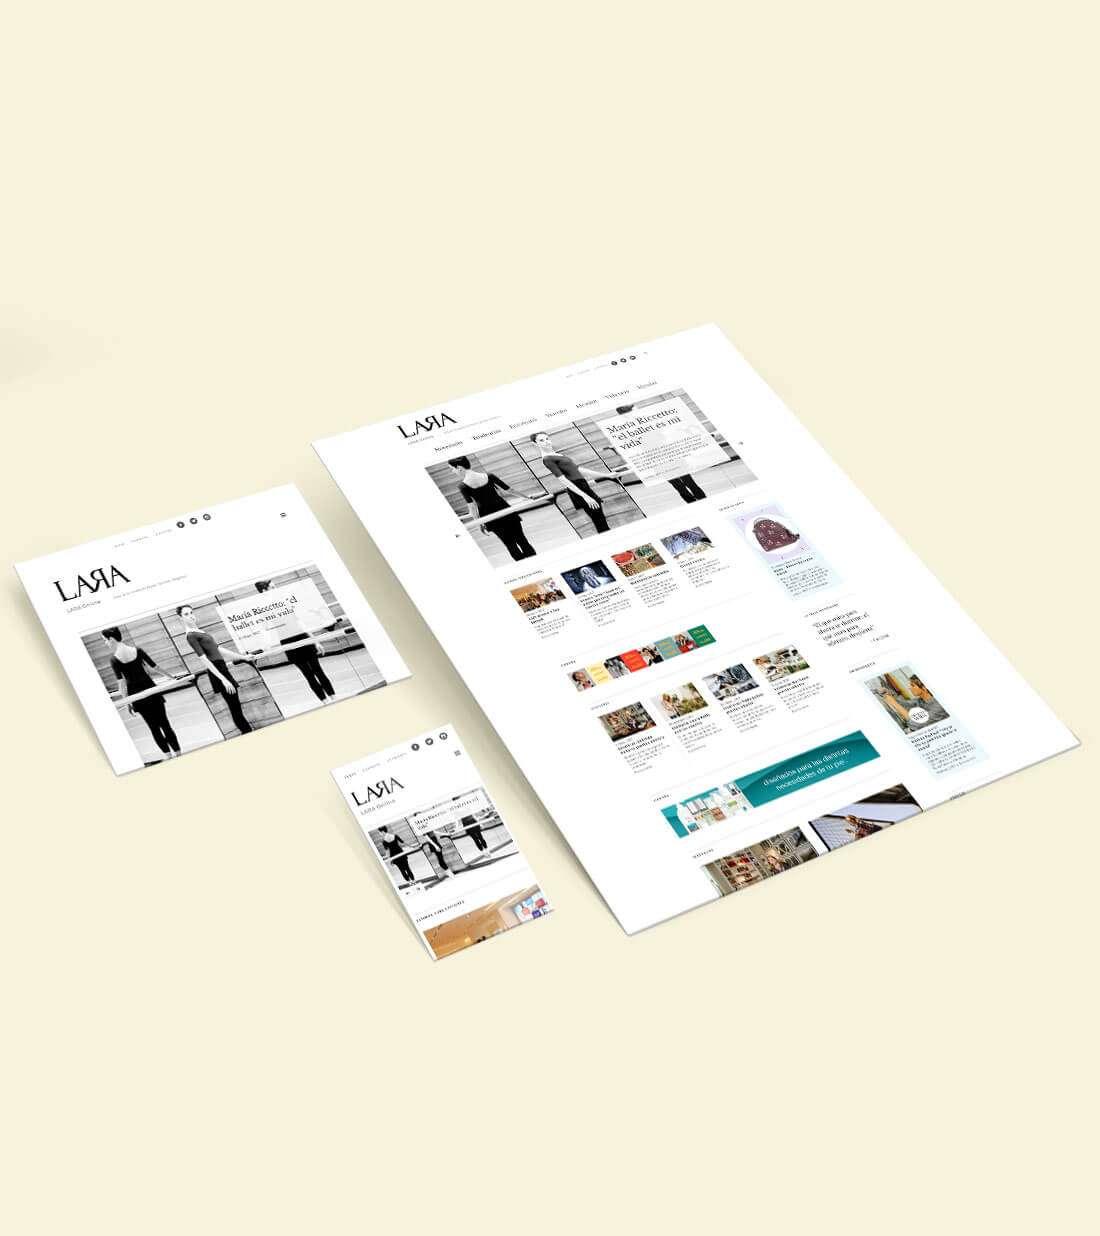 Revista Lara Online. Responsive views